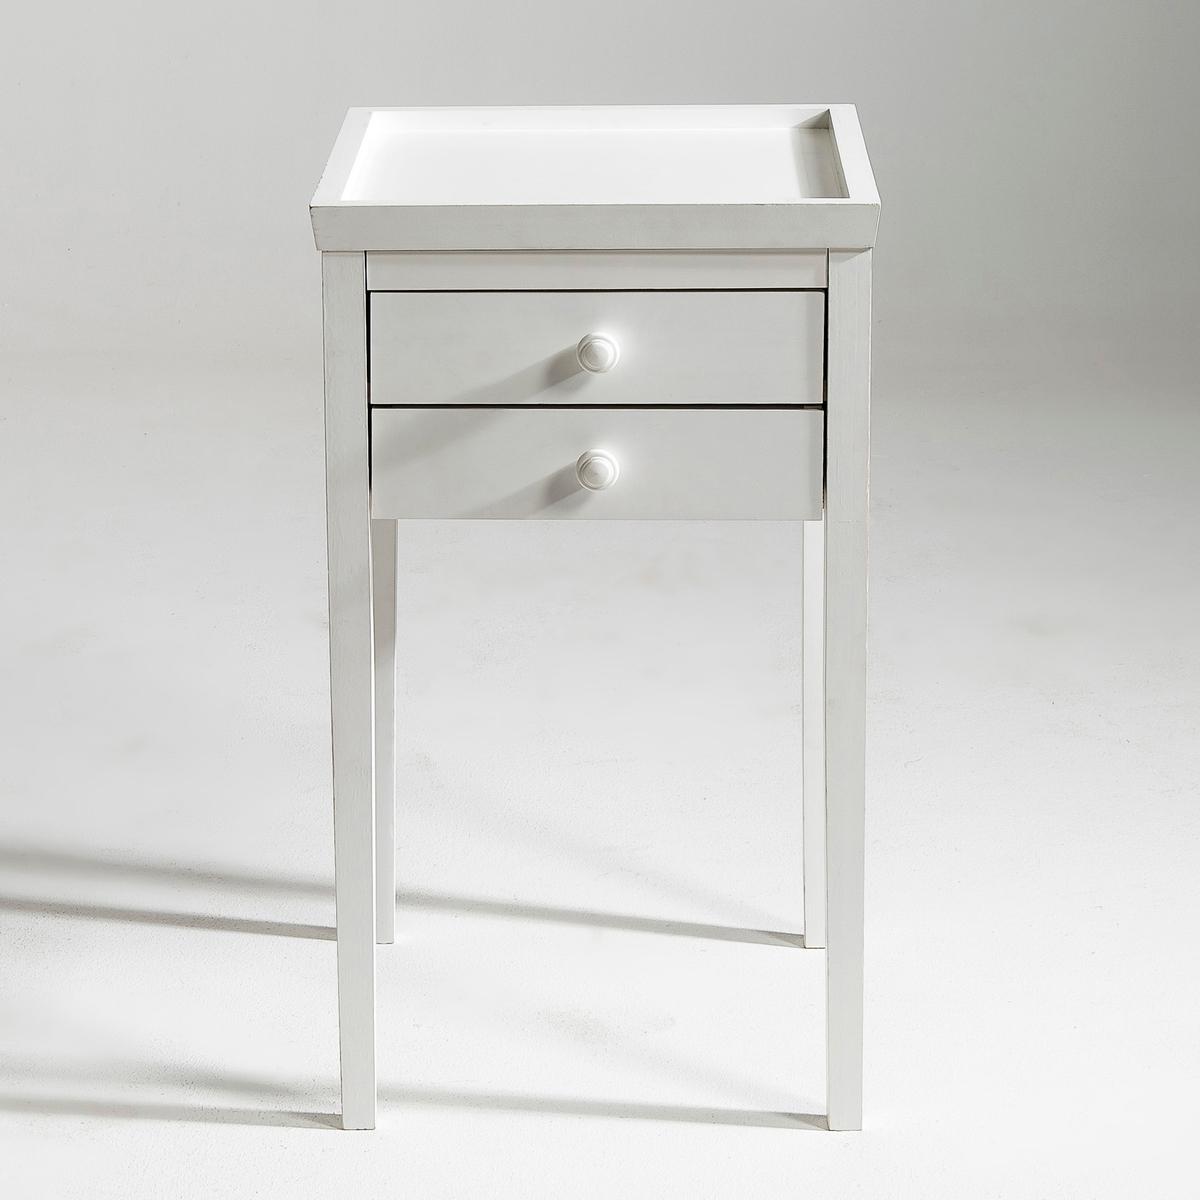 Прикроватный столик Alex, 3 варианта отделкиХарактеристики :- Из массива сосны без обработки под покраску, покрытие нитролаком белого или светло-серого цвета.- Мебель под окраску. Для оптимального результата рекомендуем сначала покрыть нашу мебель грунтовкой, а после нанести 1-2 слоя краски. Описание :- 2 ящика- Данная модель легко собирается, инструкция по сборке прилагается. Размеры  :- Шир. 40 x Выс. 70 x Гл. 40 см.- Размеры ящика : Шир. 30 x Выс. 5,5 x Гл. 27,5 см.- Вес : 6,9 кгРазмеры и вес упаковки :- Шир. 97 x Выс. 9,5 x Гл. 46 см, 8,5 кг<br><br>Цвет: белый,под покраску,светло-серый